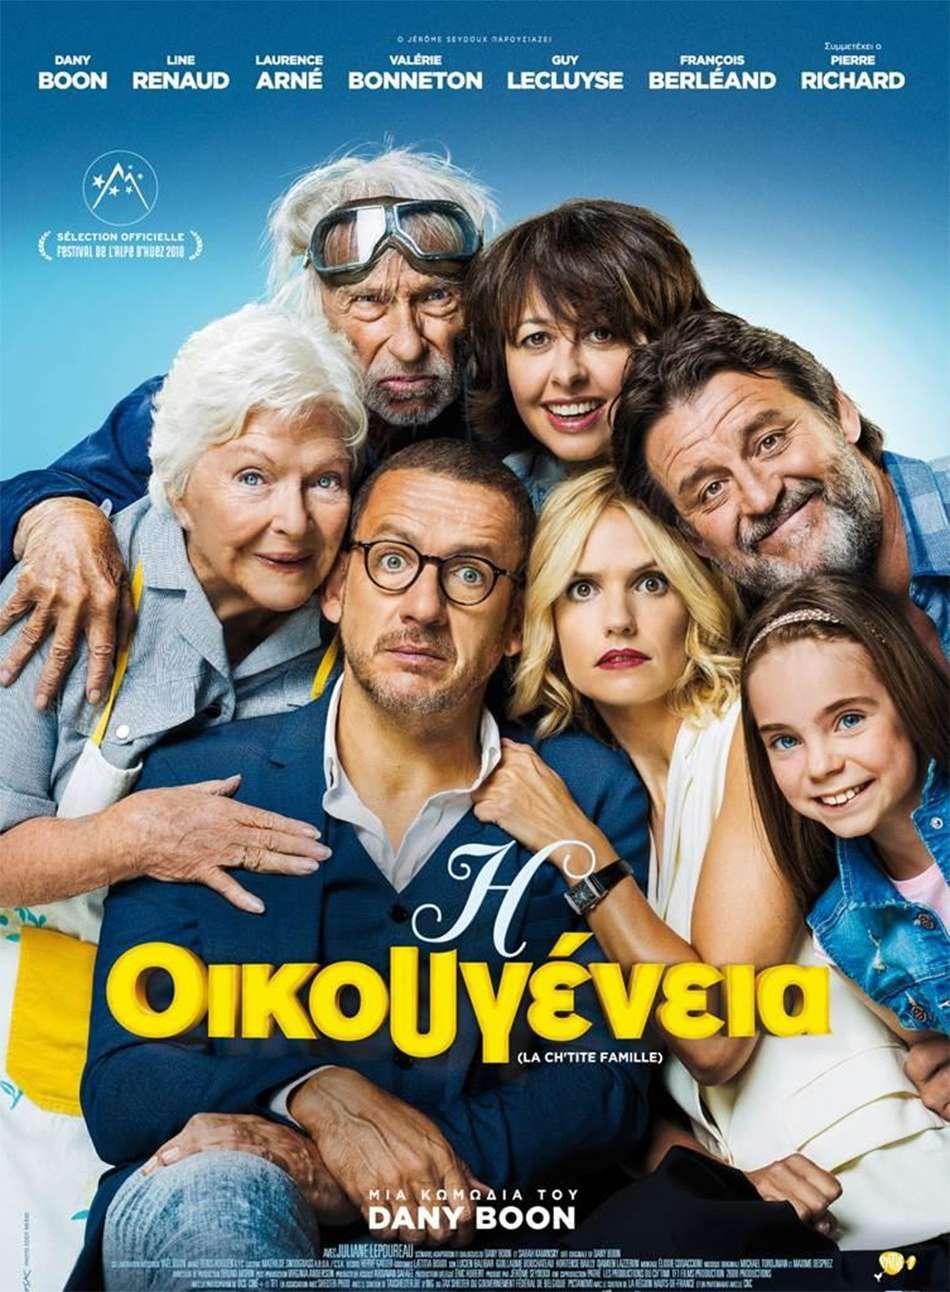 Η Οικουγένεια (La Ch'tite Famille) Poster Πόστερ